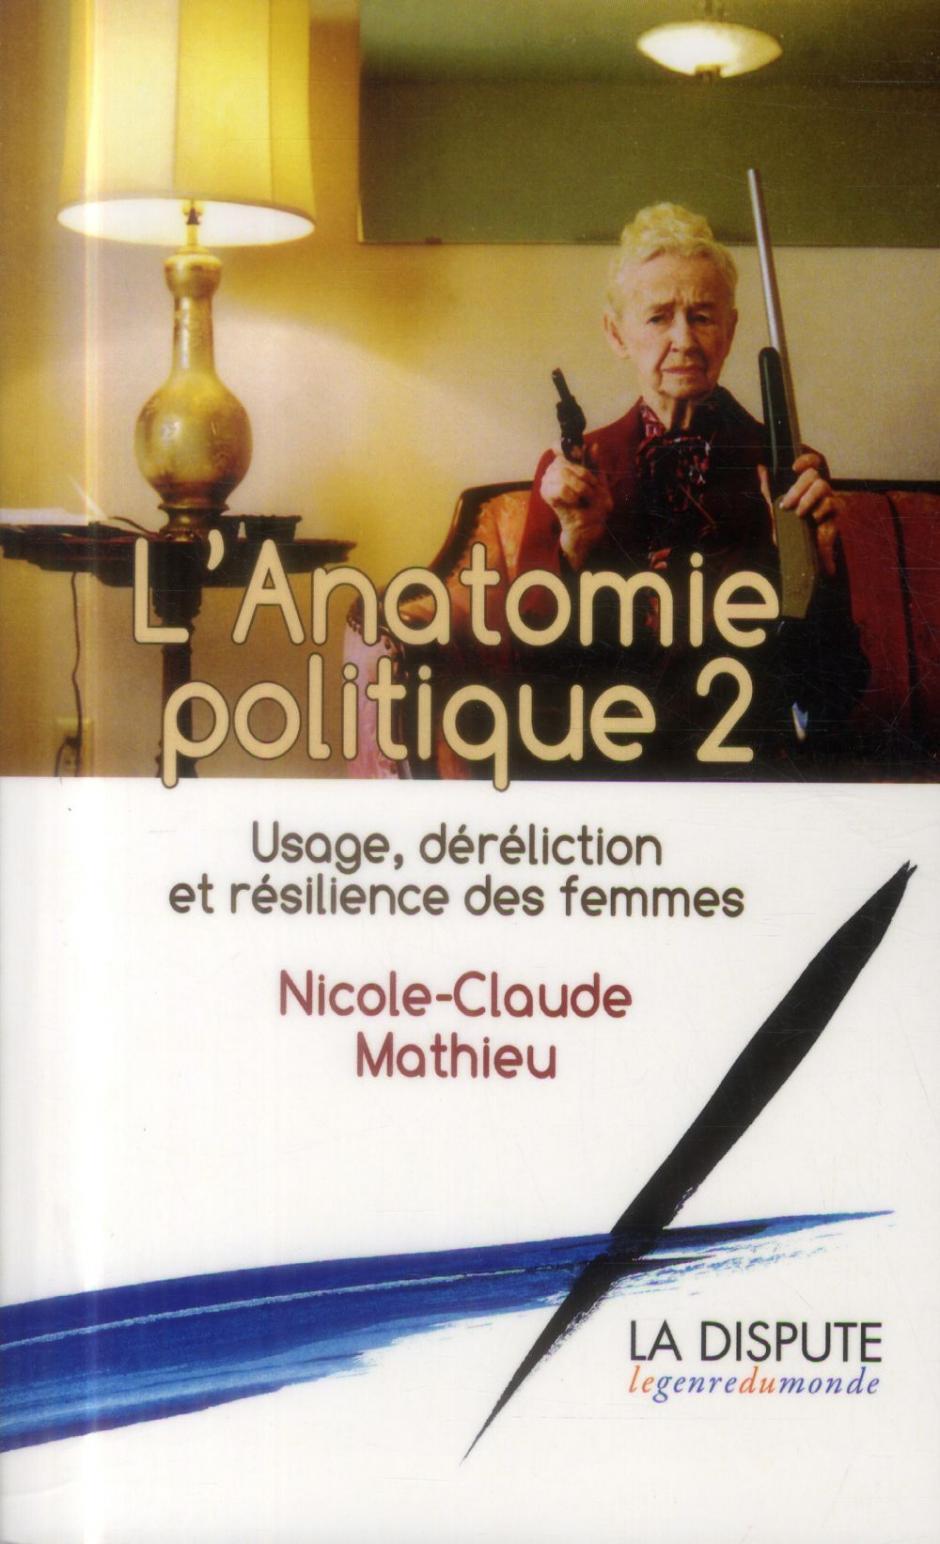 L'anatomie politique 2  Usage, déréliction et résilience des femmes